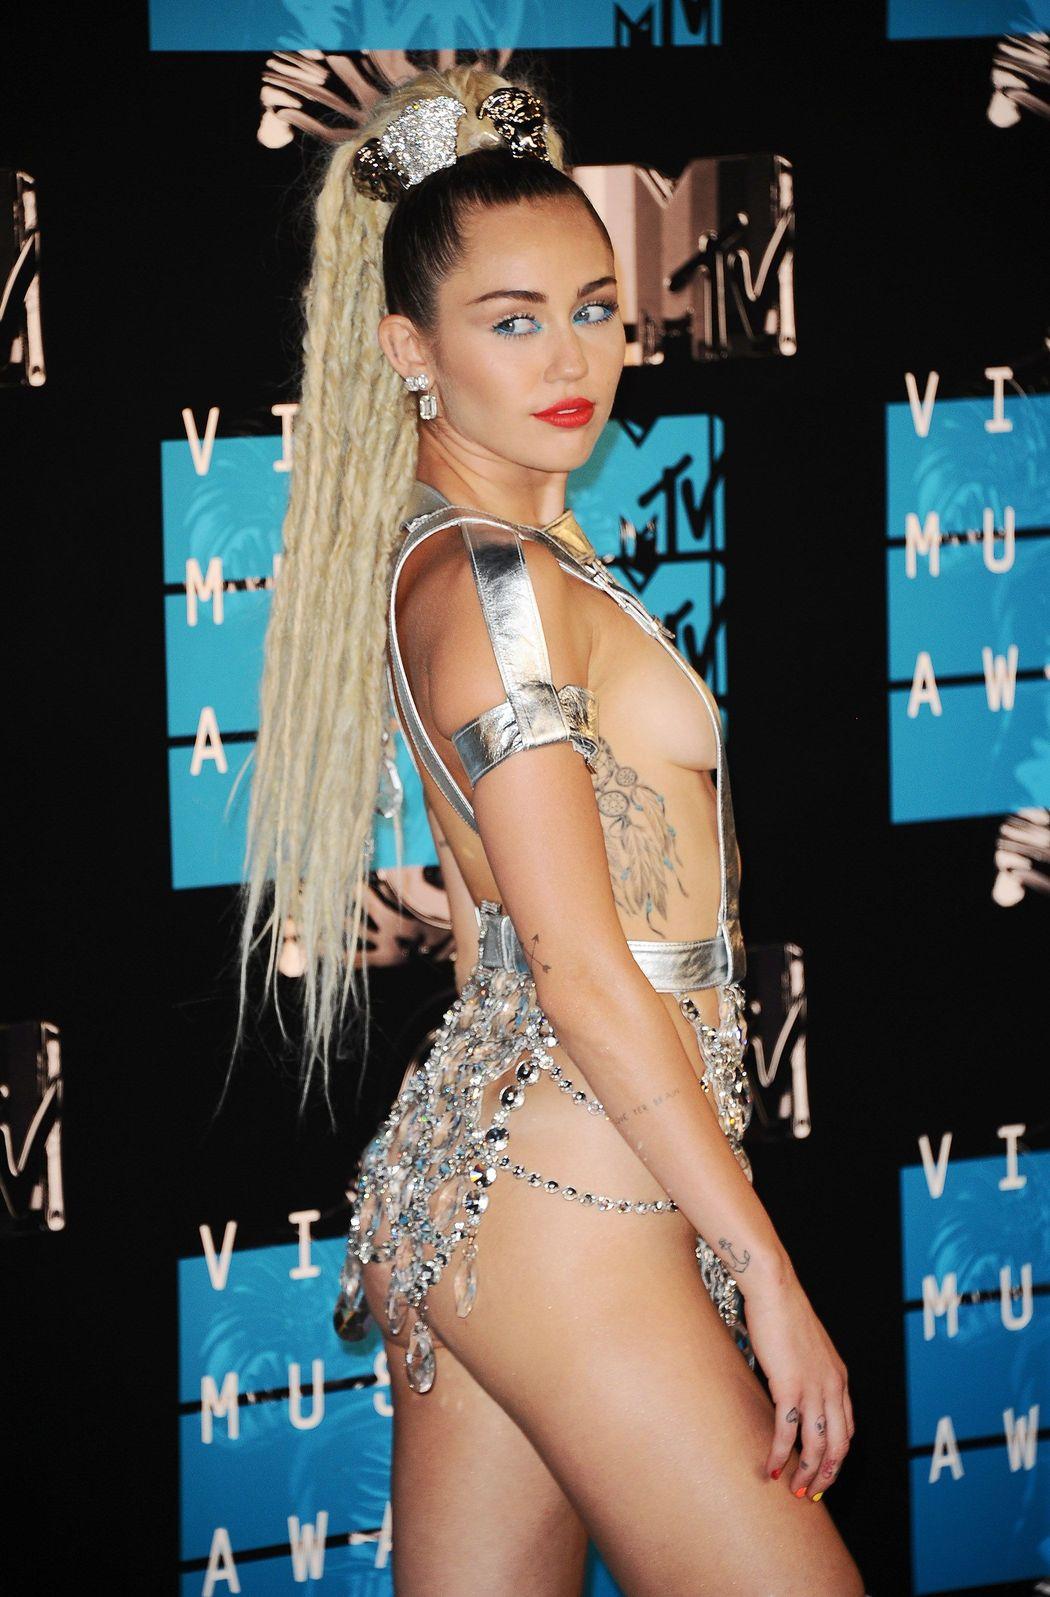 Miley-Cyrus-Sexy-20